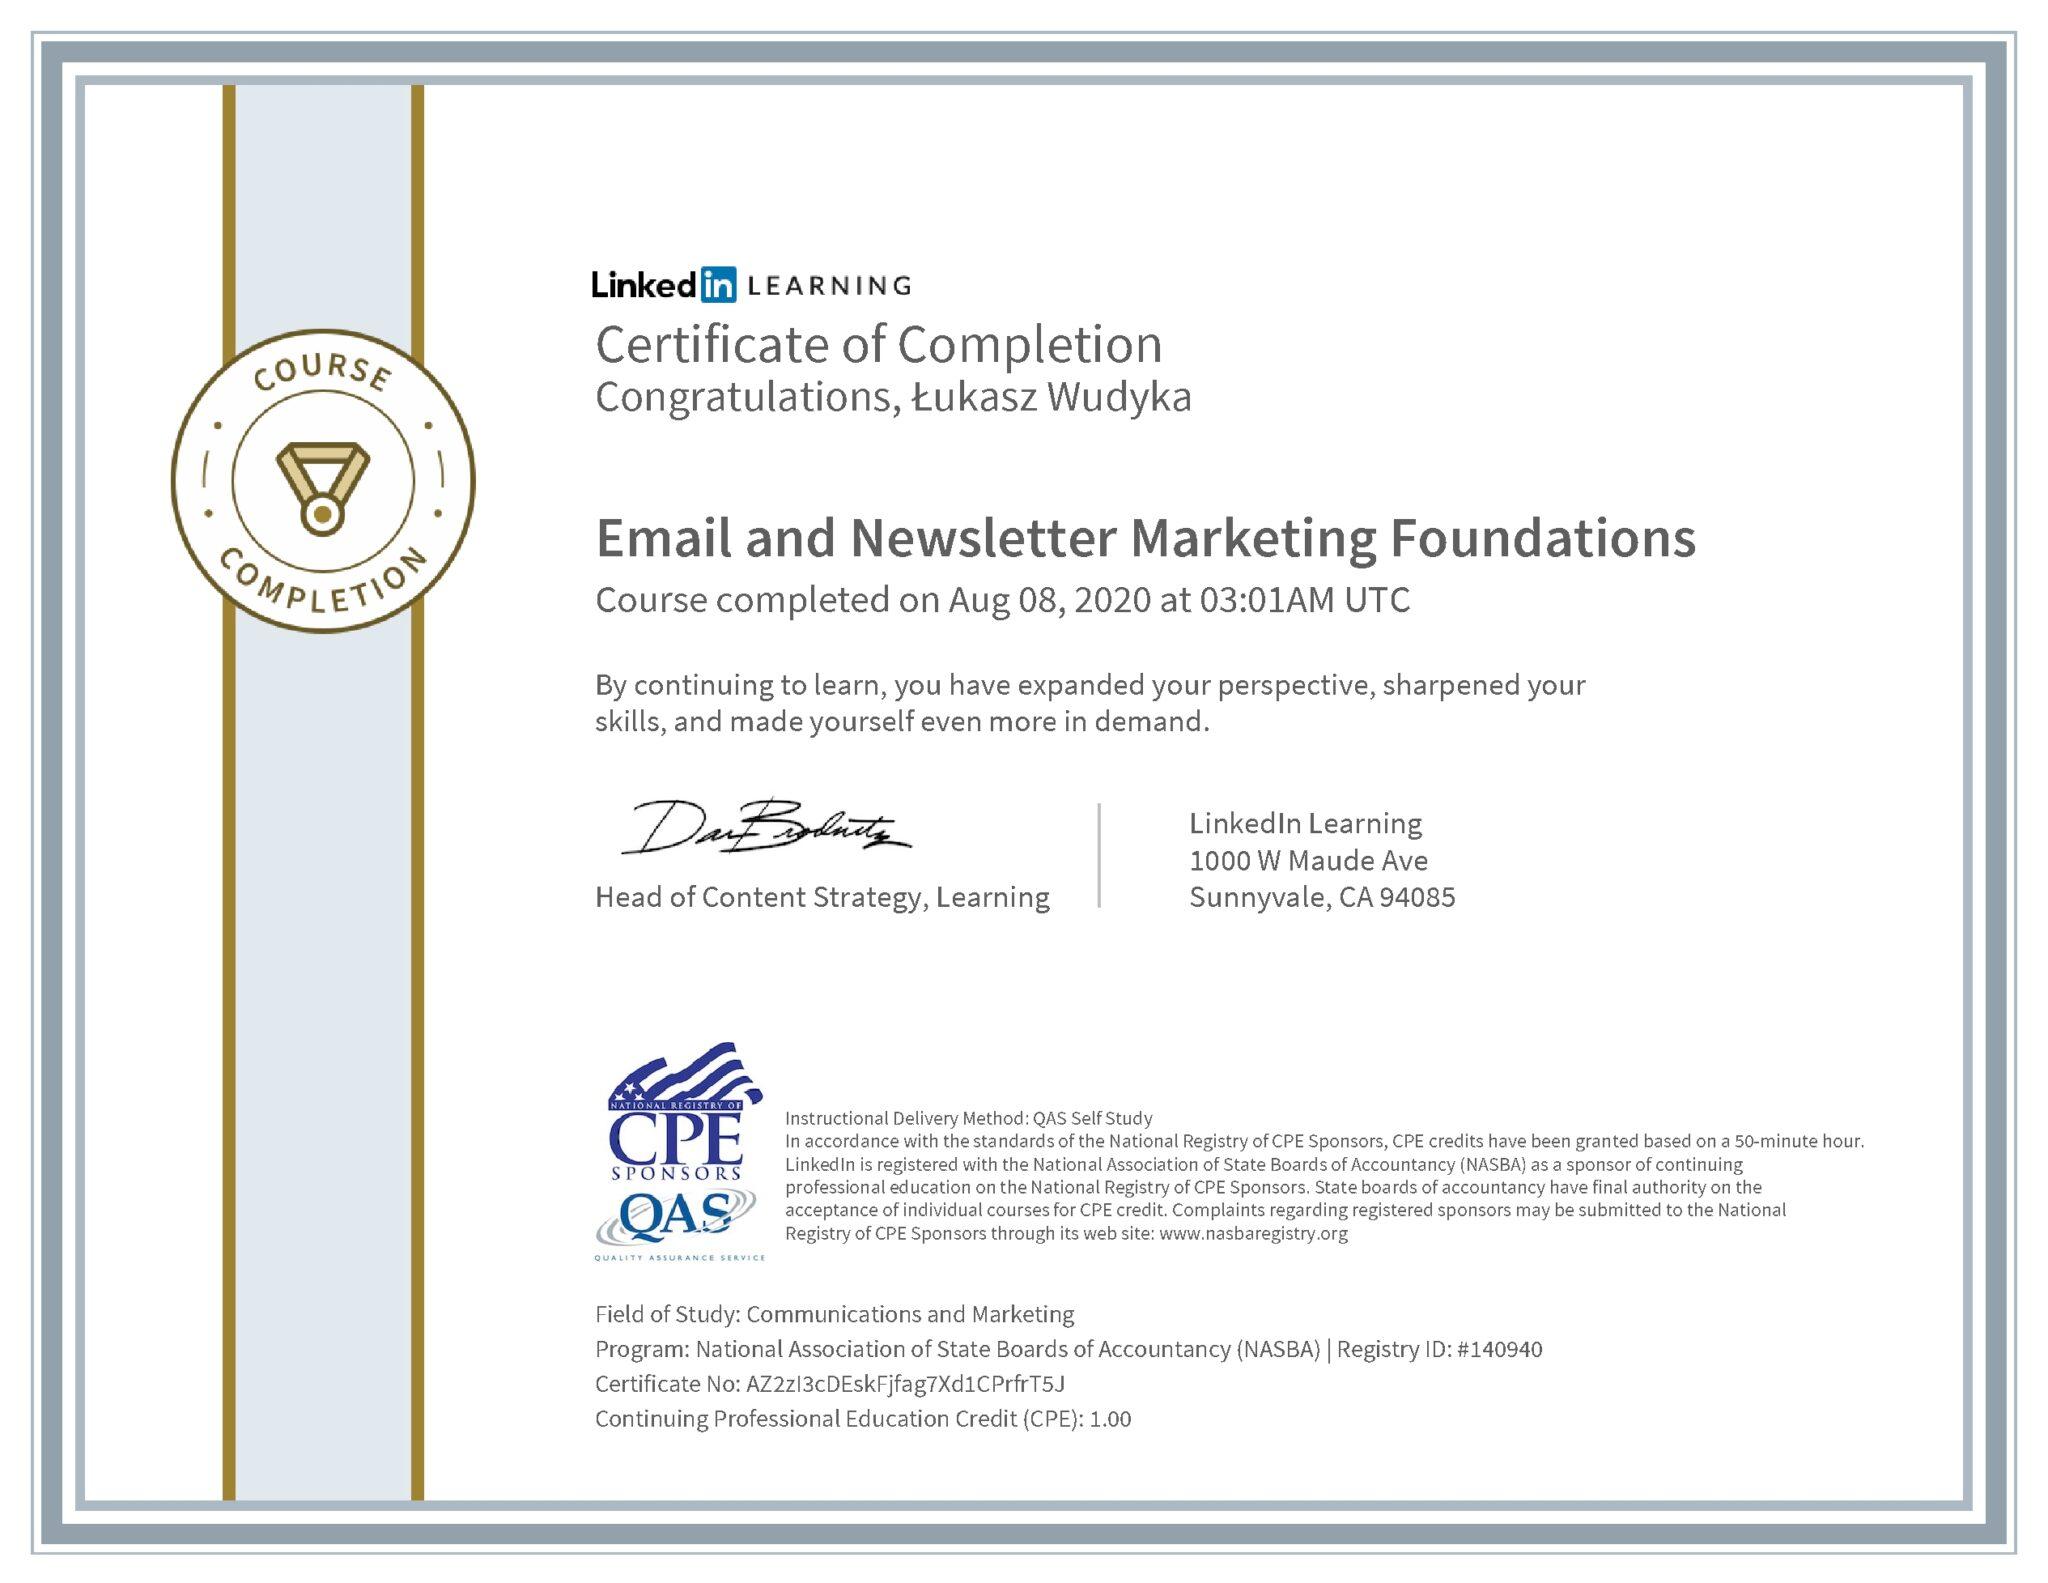 Łukasz Wudyka certyfikat LinkedIn Email and Newsletter Marketing Foundations NASBA